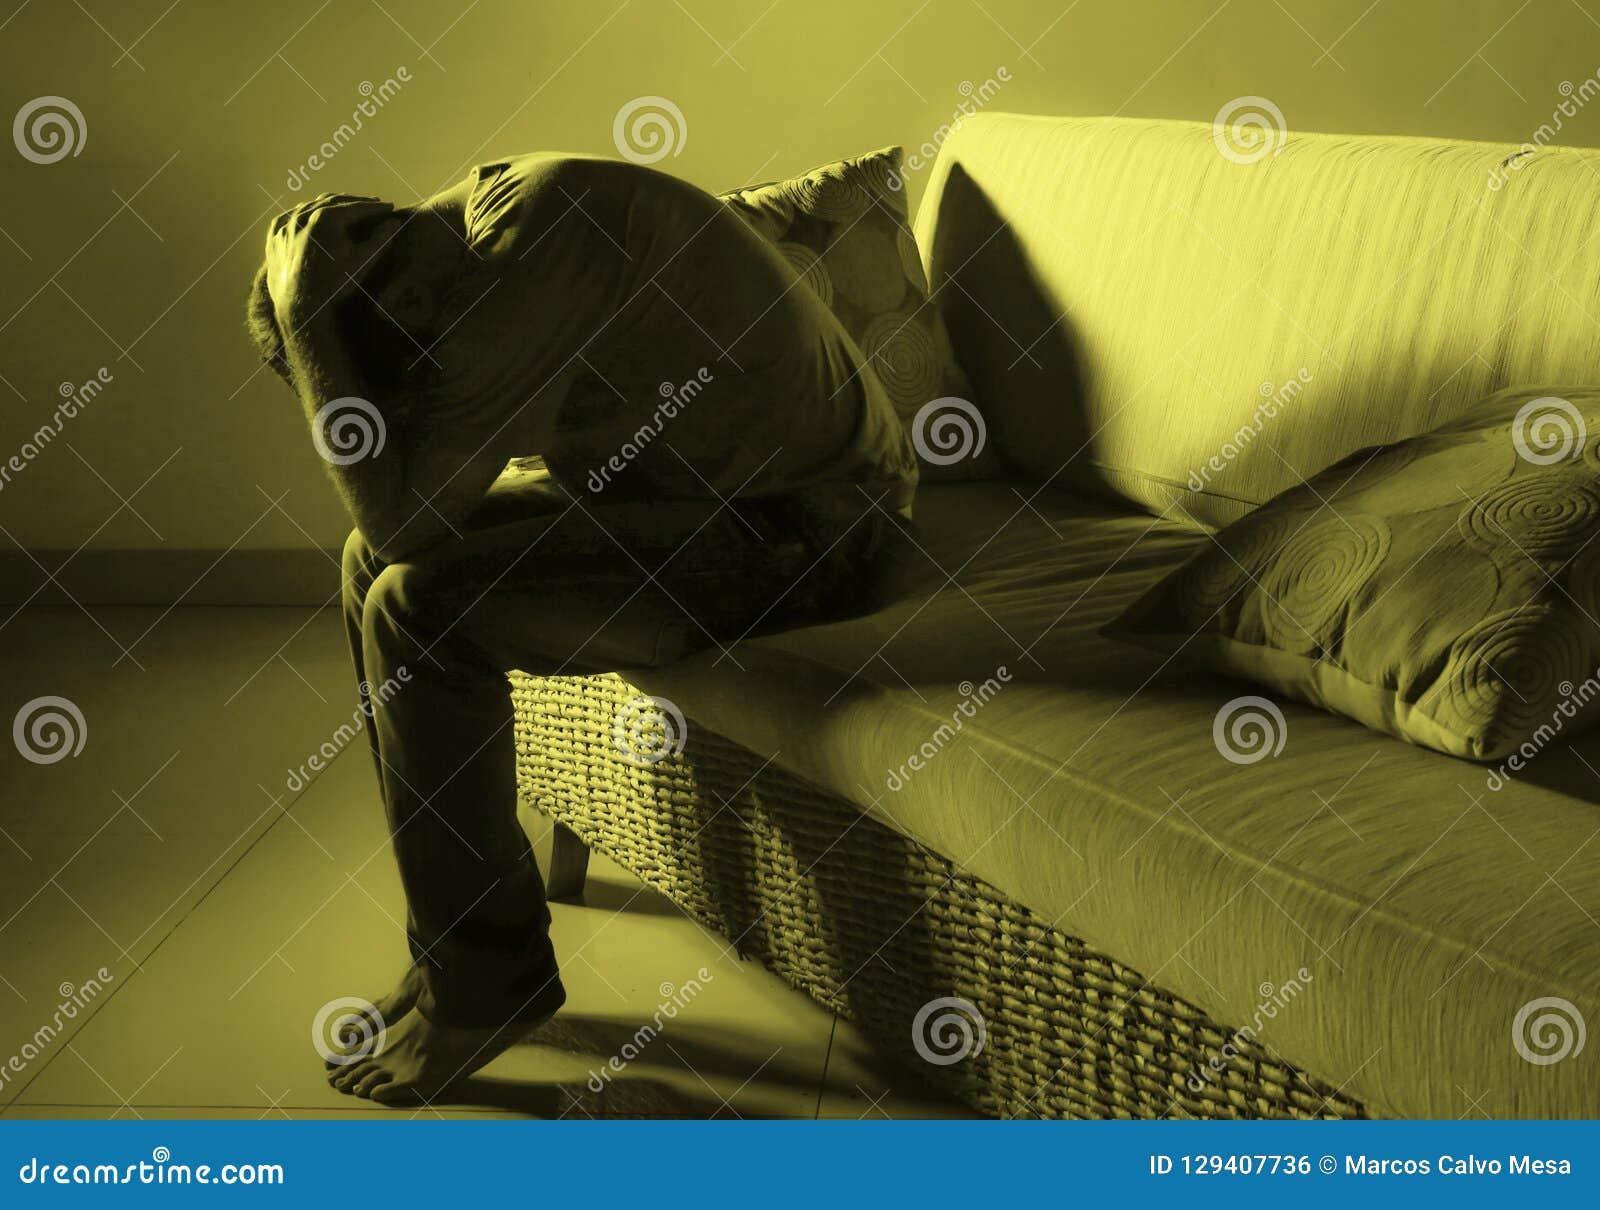 在家追悼沙发长沙发遭受的消沉问题和忧虑危机哭泣的年轻绝望哀伤和沮丧的人无能为力